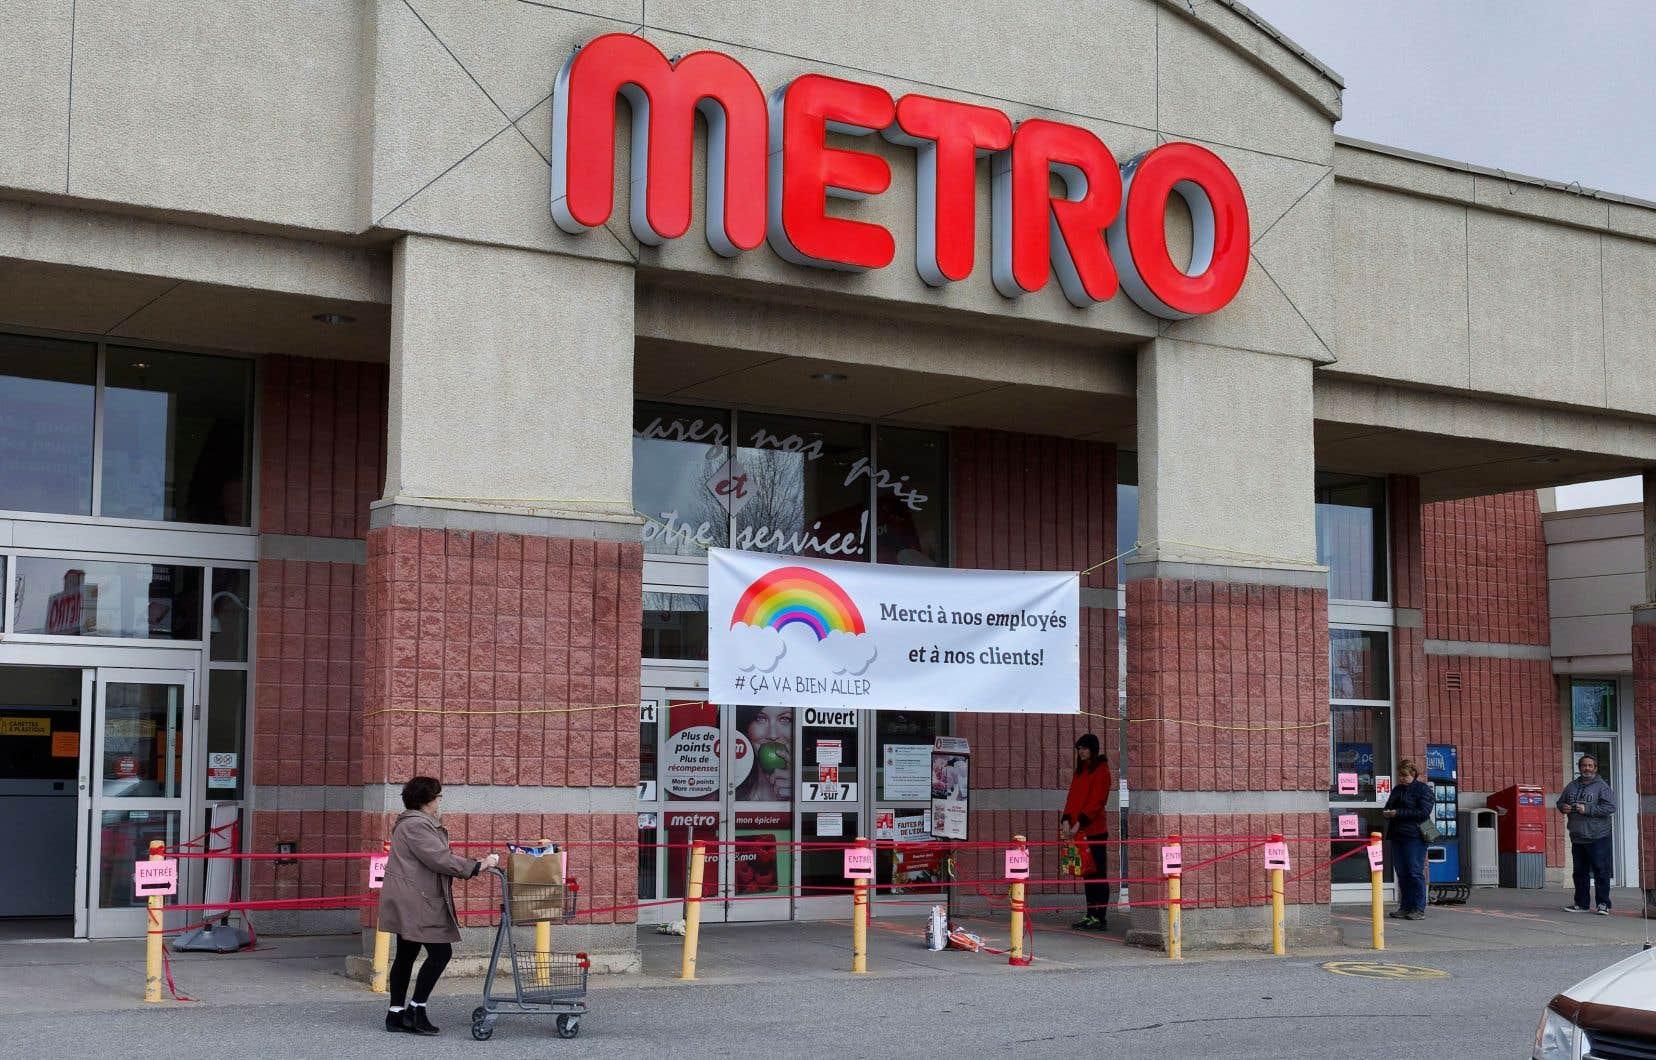 Metro s'attend à ce que ses revenus alimentaires continuent de croître à un rythme plus élevé qu'habituellement à court terme.